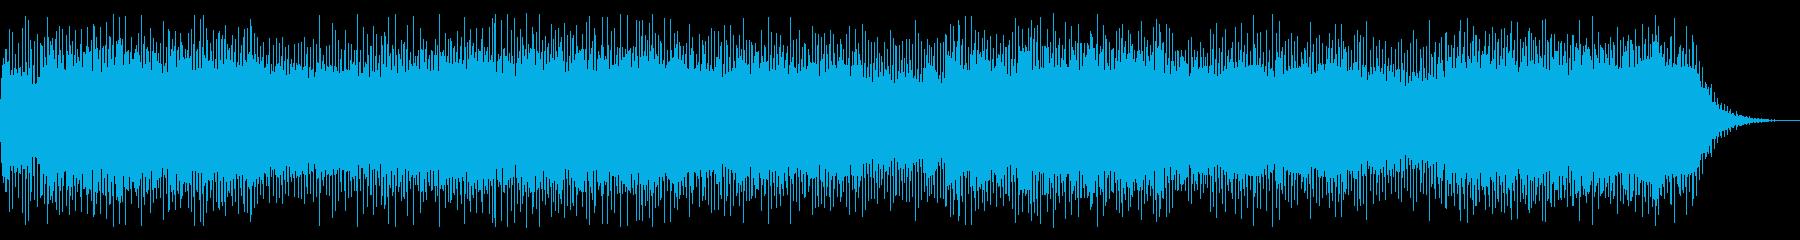 シンセとヴァイオリンとピアノのバトル曲の再生済みの波形